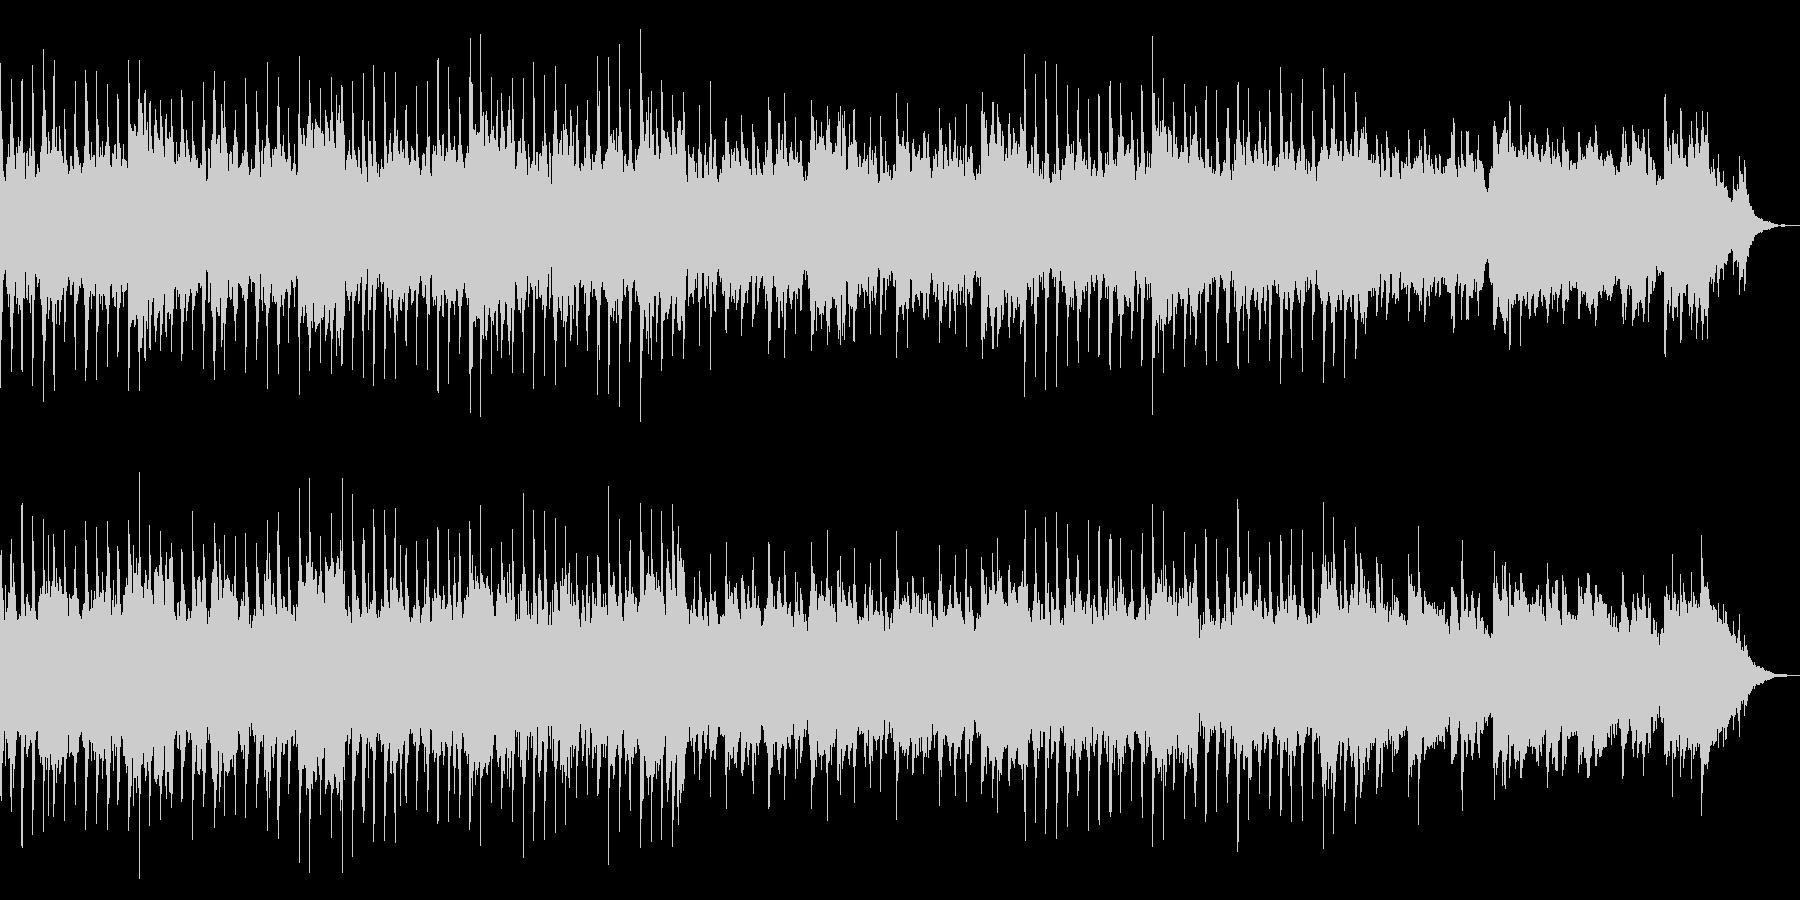 優しく爽やかなコーポレート系BGMの未再生の波形